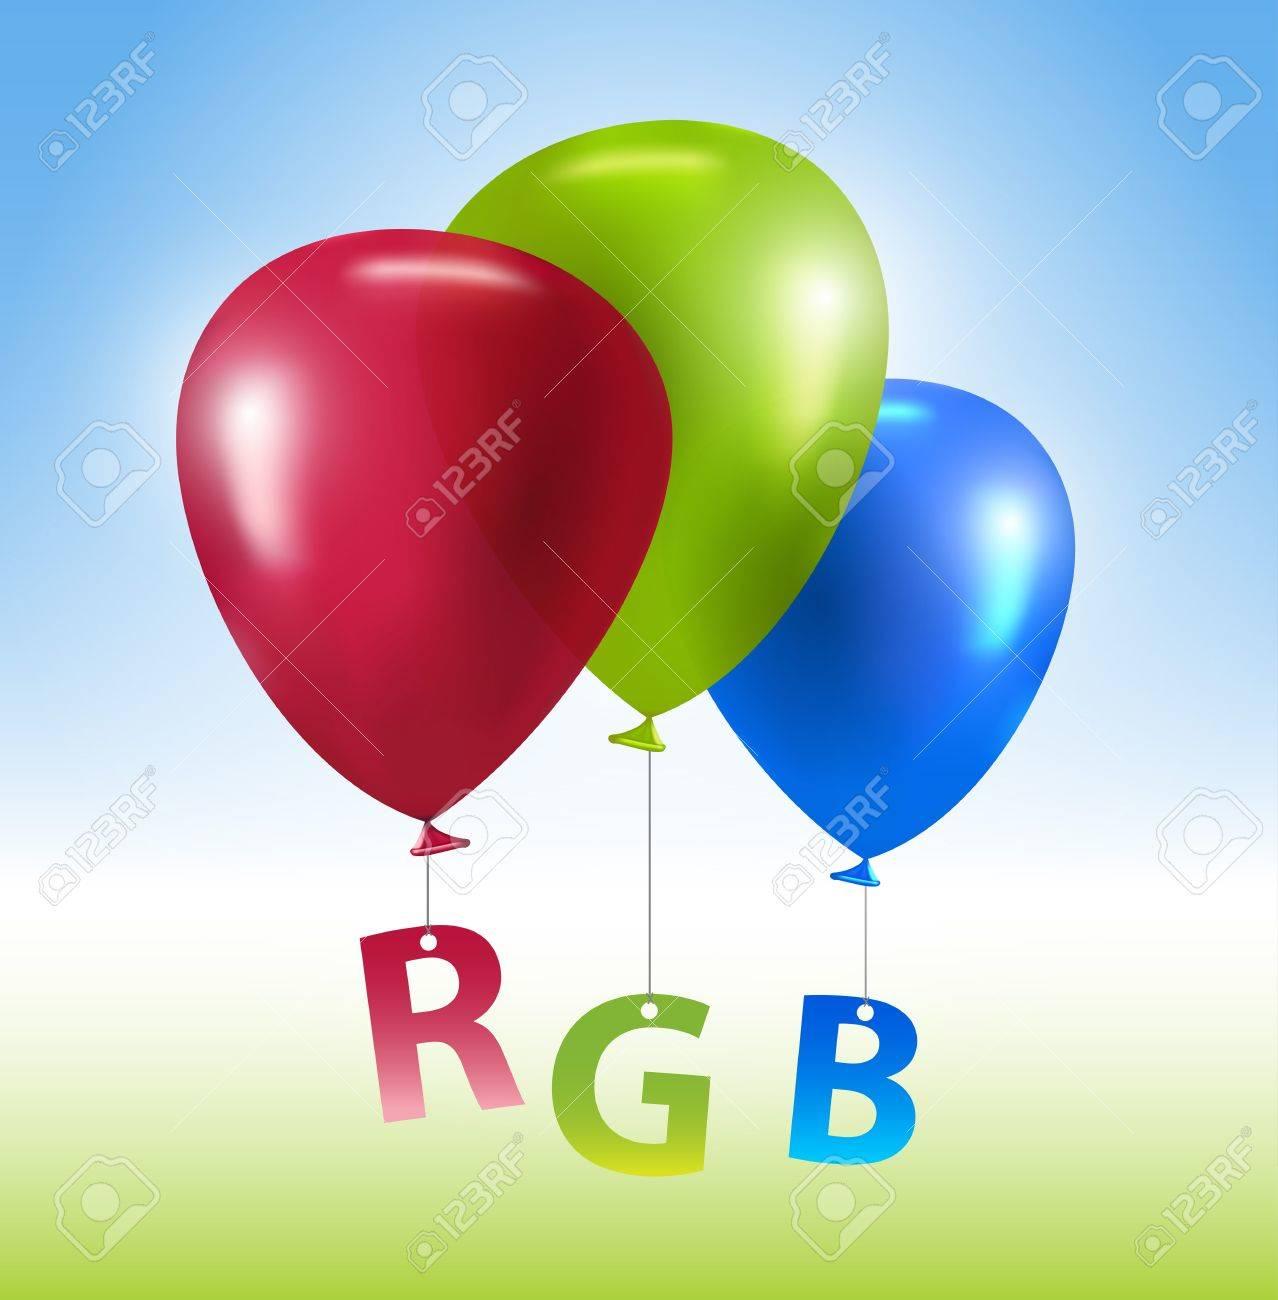 Vector colorful balloons RGB concept Stock Vector - 12807570